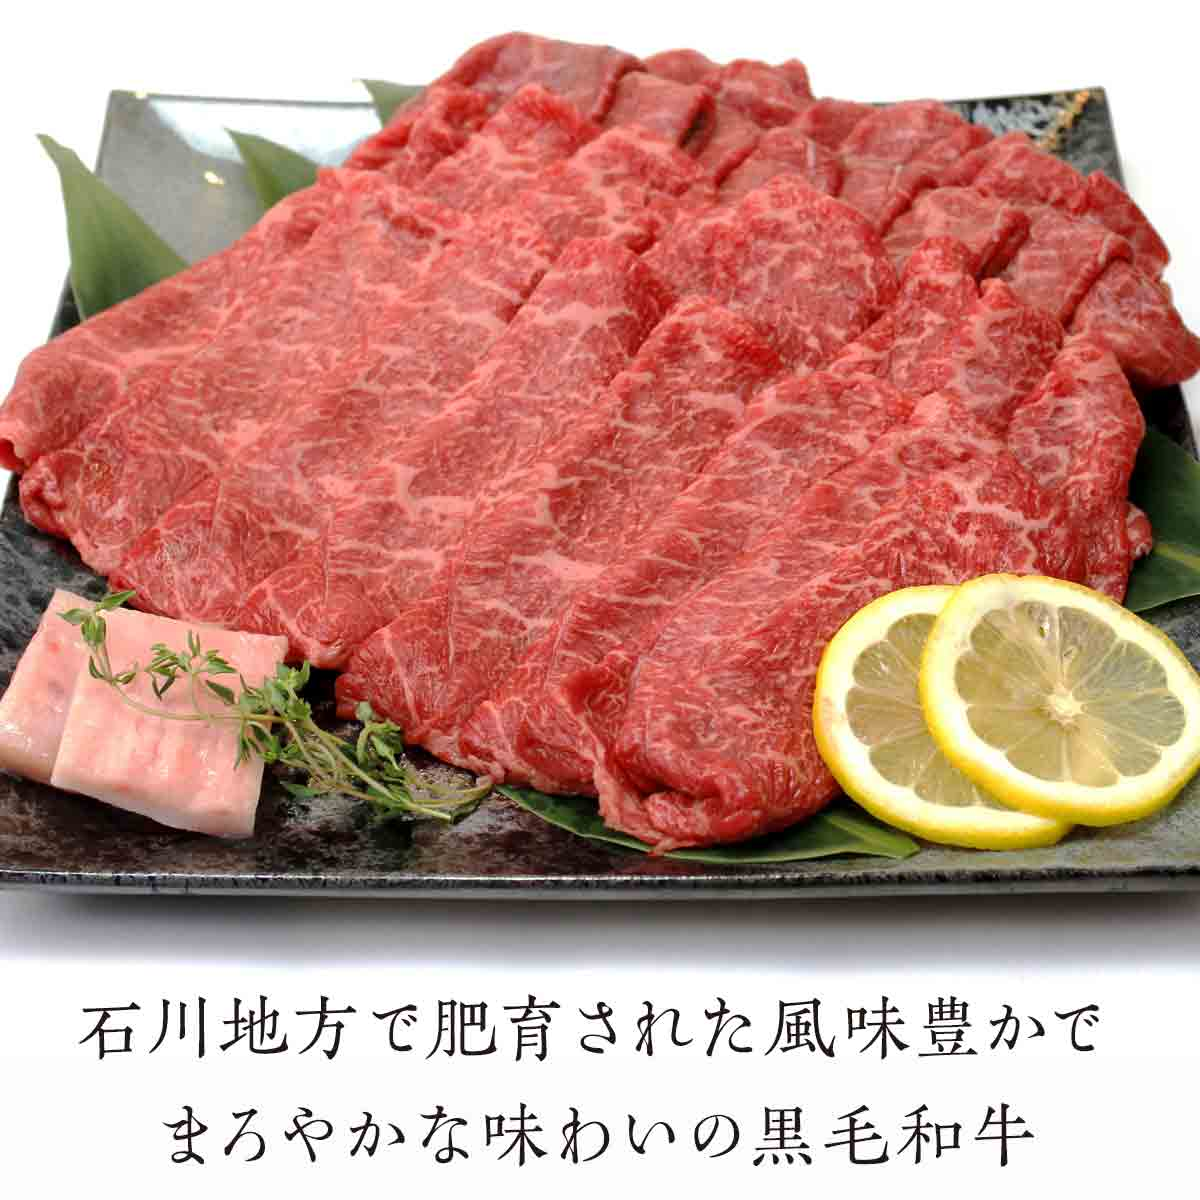 「いしかわ牛」または「福島牛」 モモ肉すき焼き用 400g×2